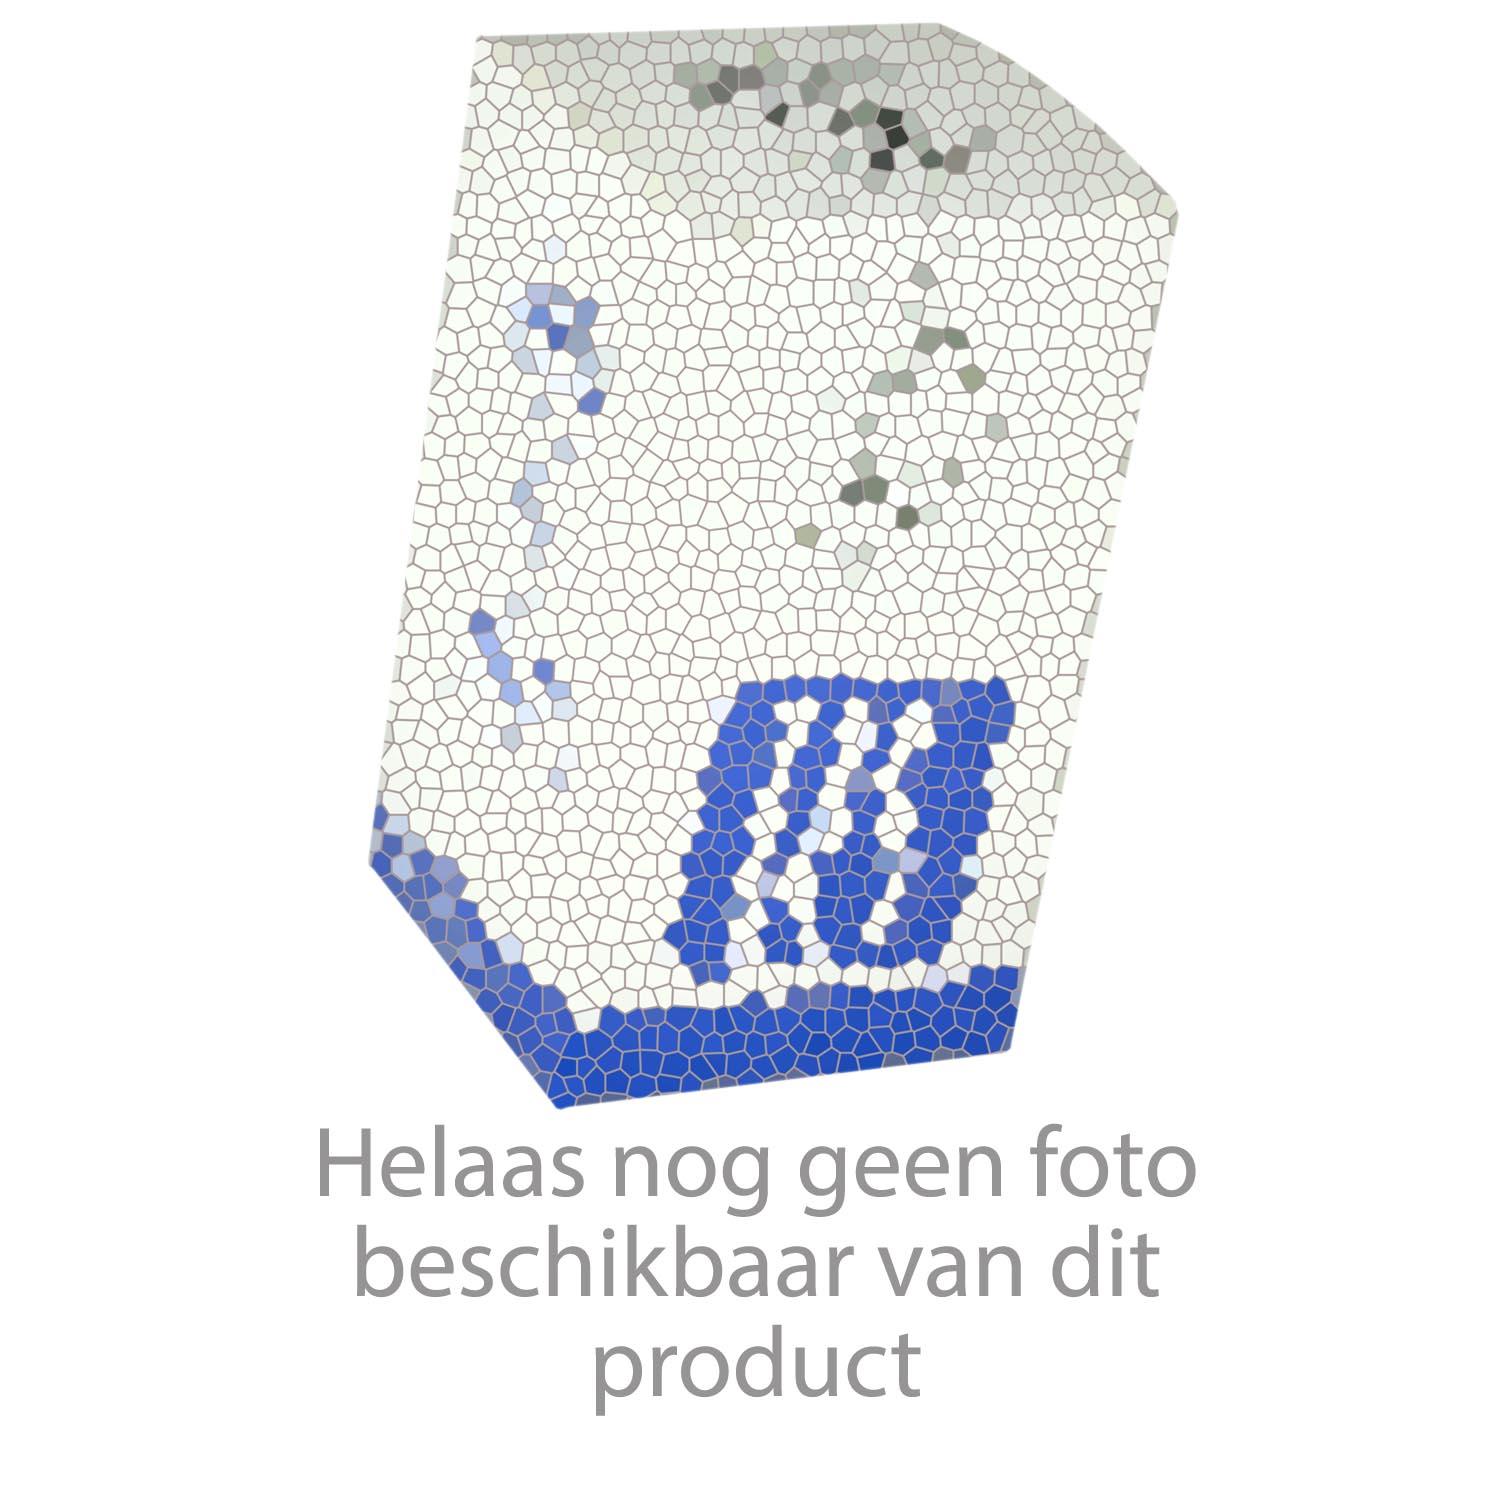 HansGrohe Keukenmengkranen Allegra Metropol productiejaar > 06/01 14837 onderdelen